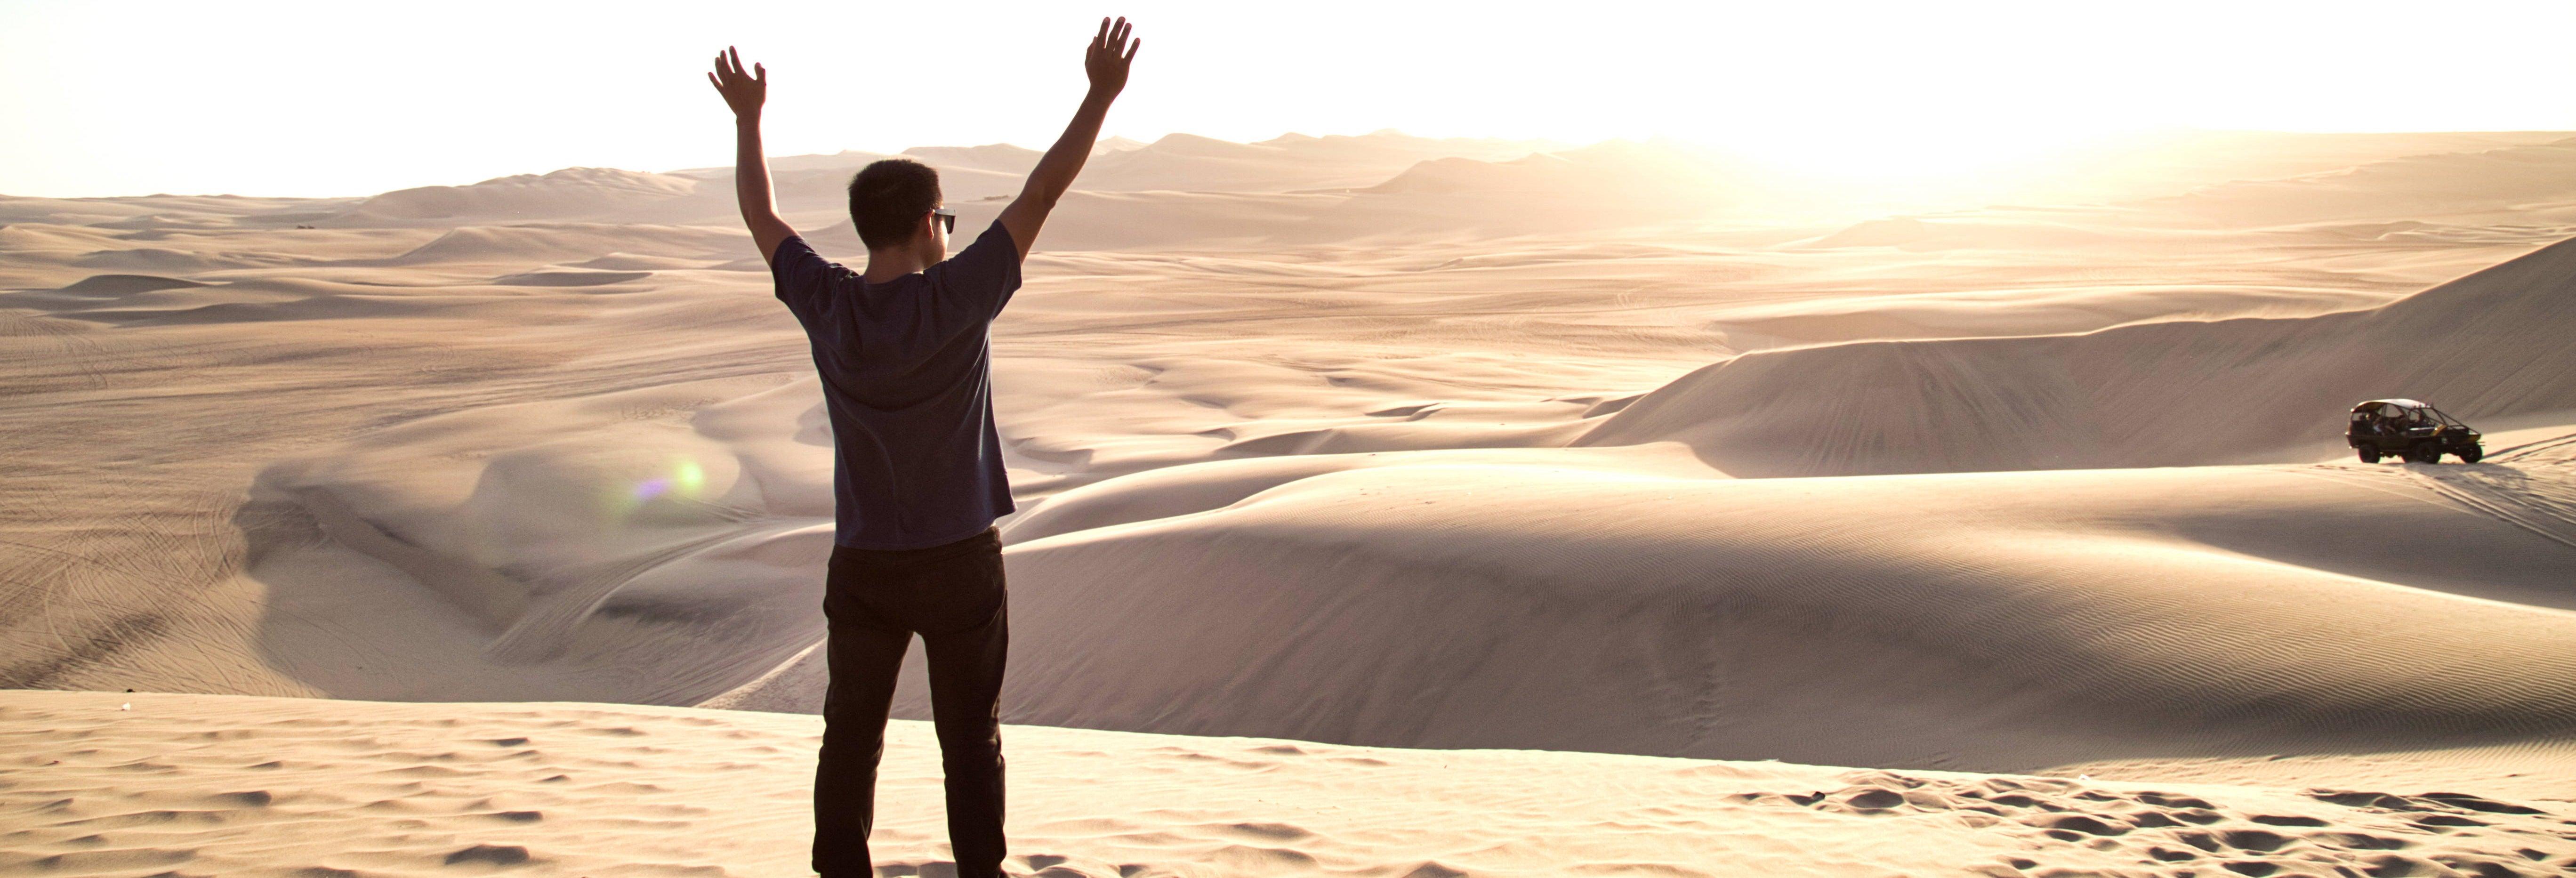 Excursão de 2 dias ao deserto de Califórnia